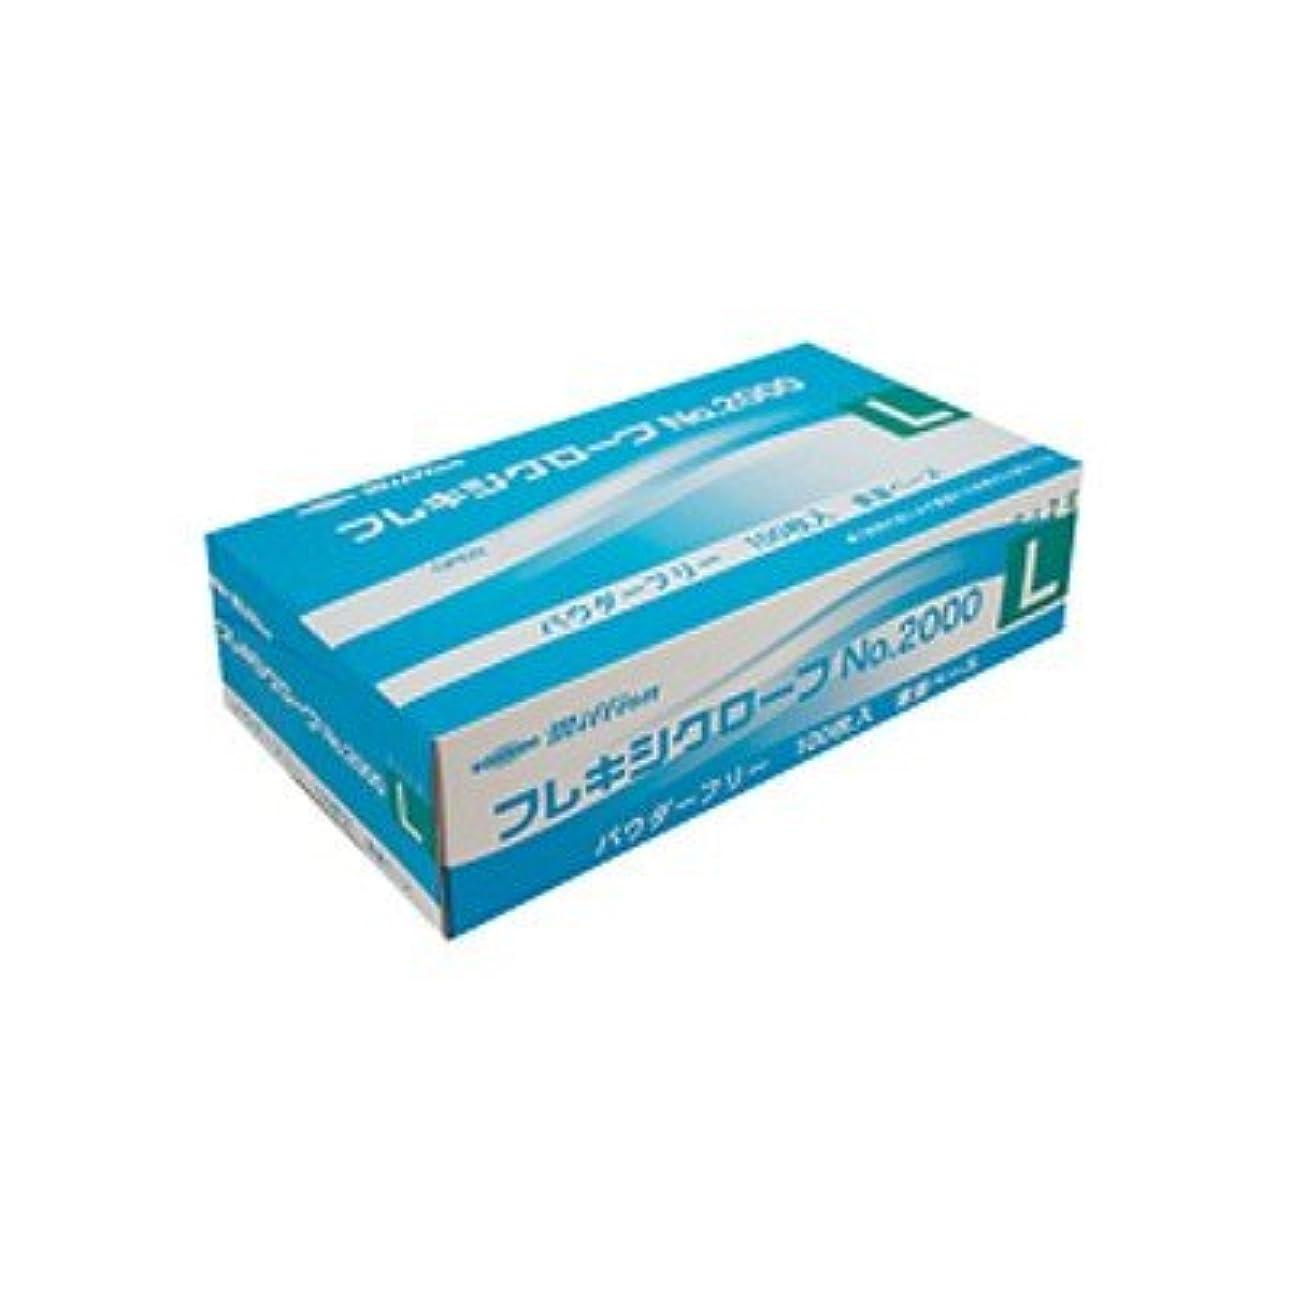 労働移民抽象化ミリオン プラスチック手袋 粉無No.2000 L 品番:LH-2000-L 注文番号:62741620 メーカー:共和